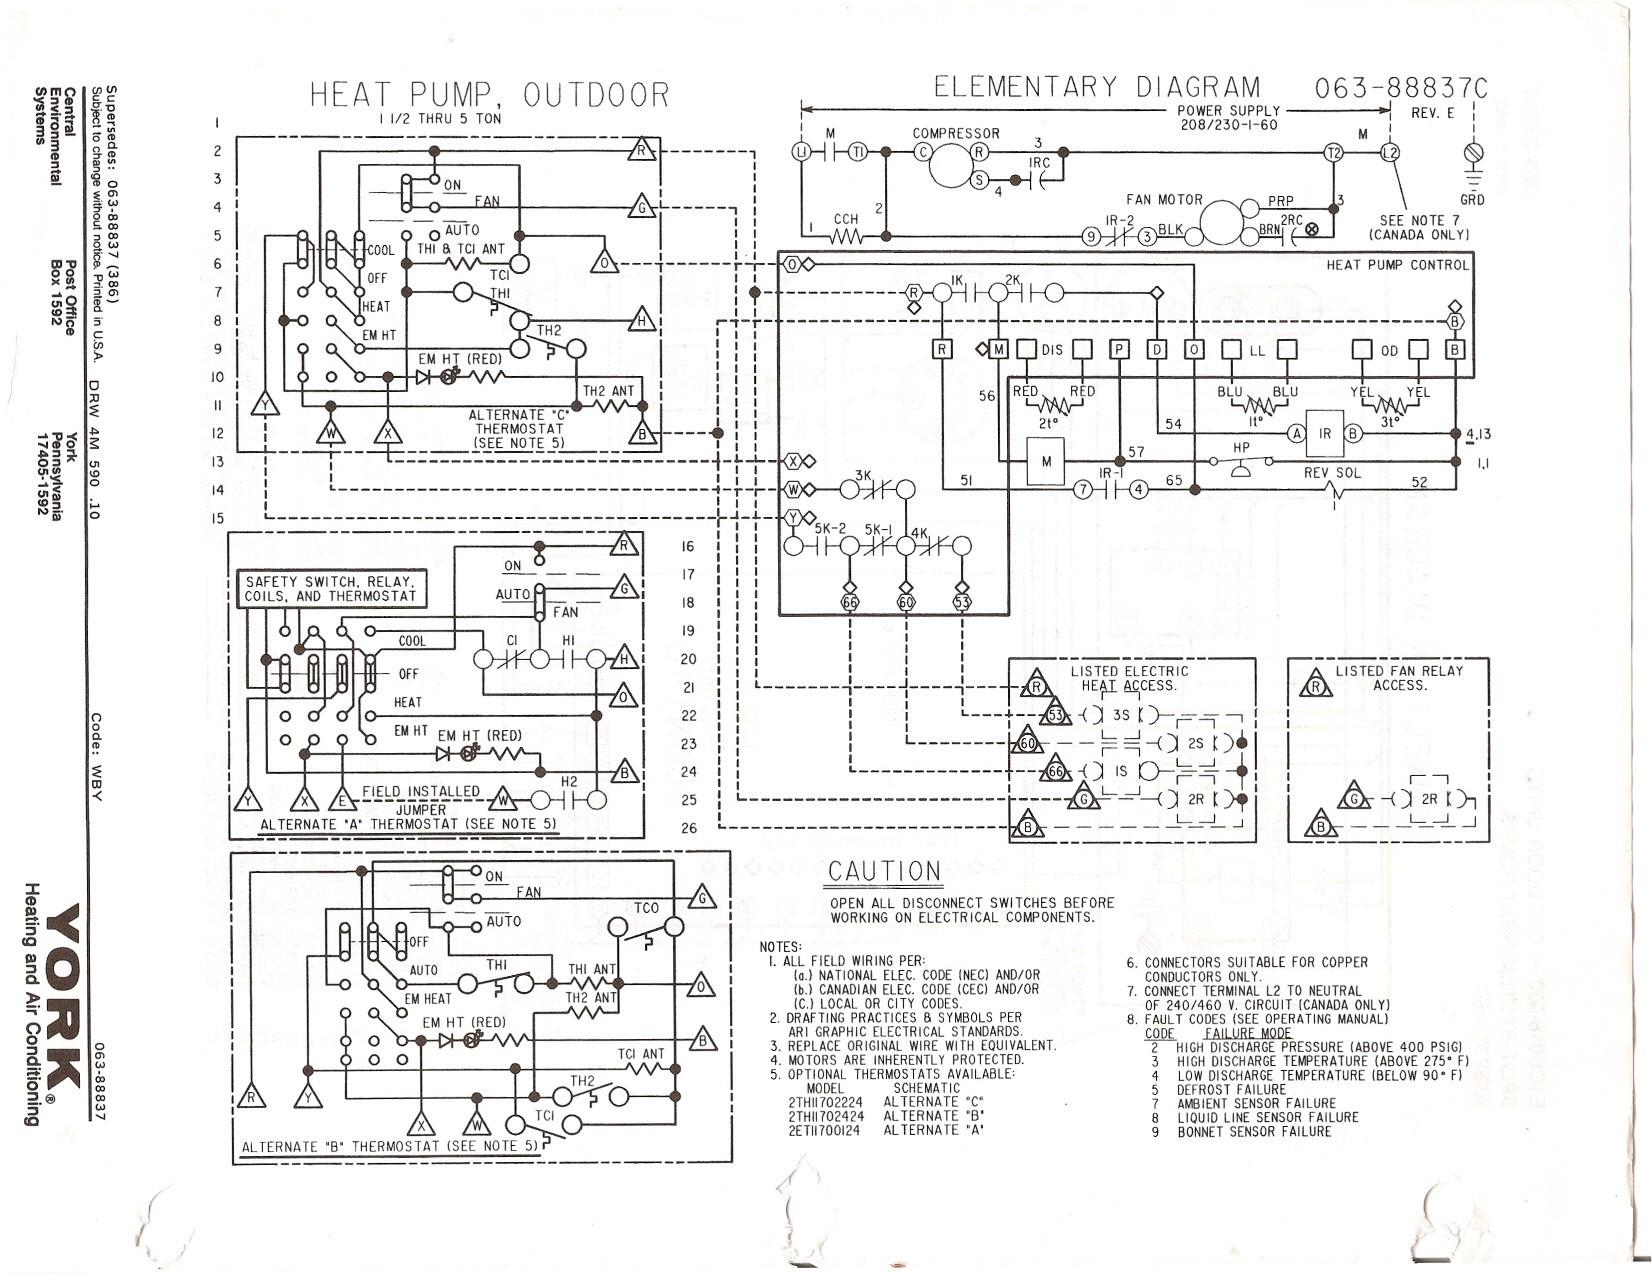 heil 5000 wiring diagram porsche 911 1970 heat pump simple